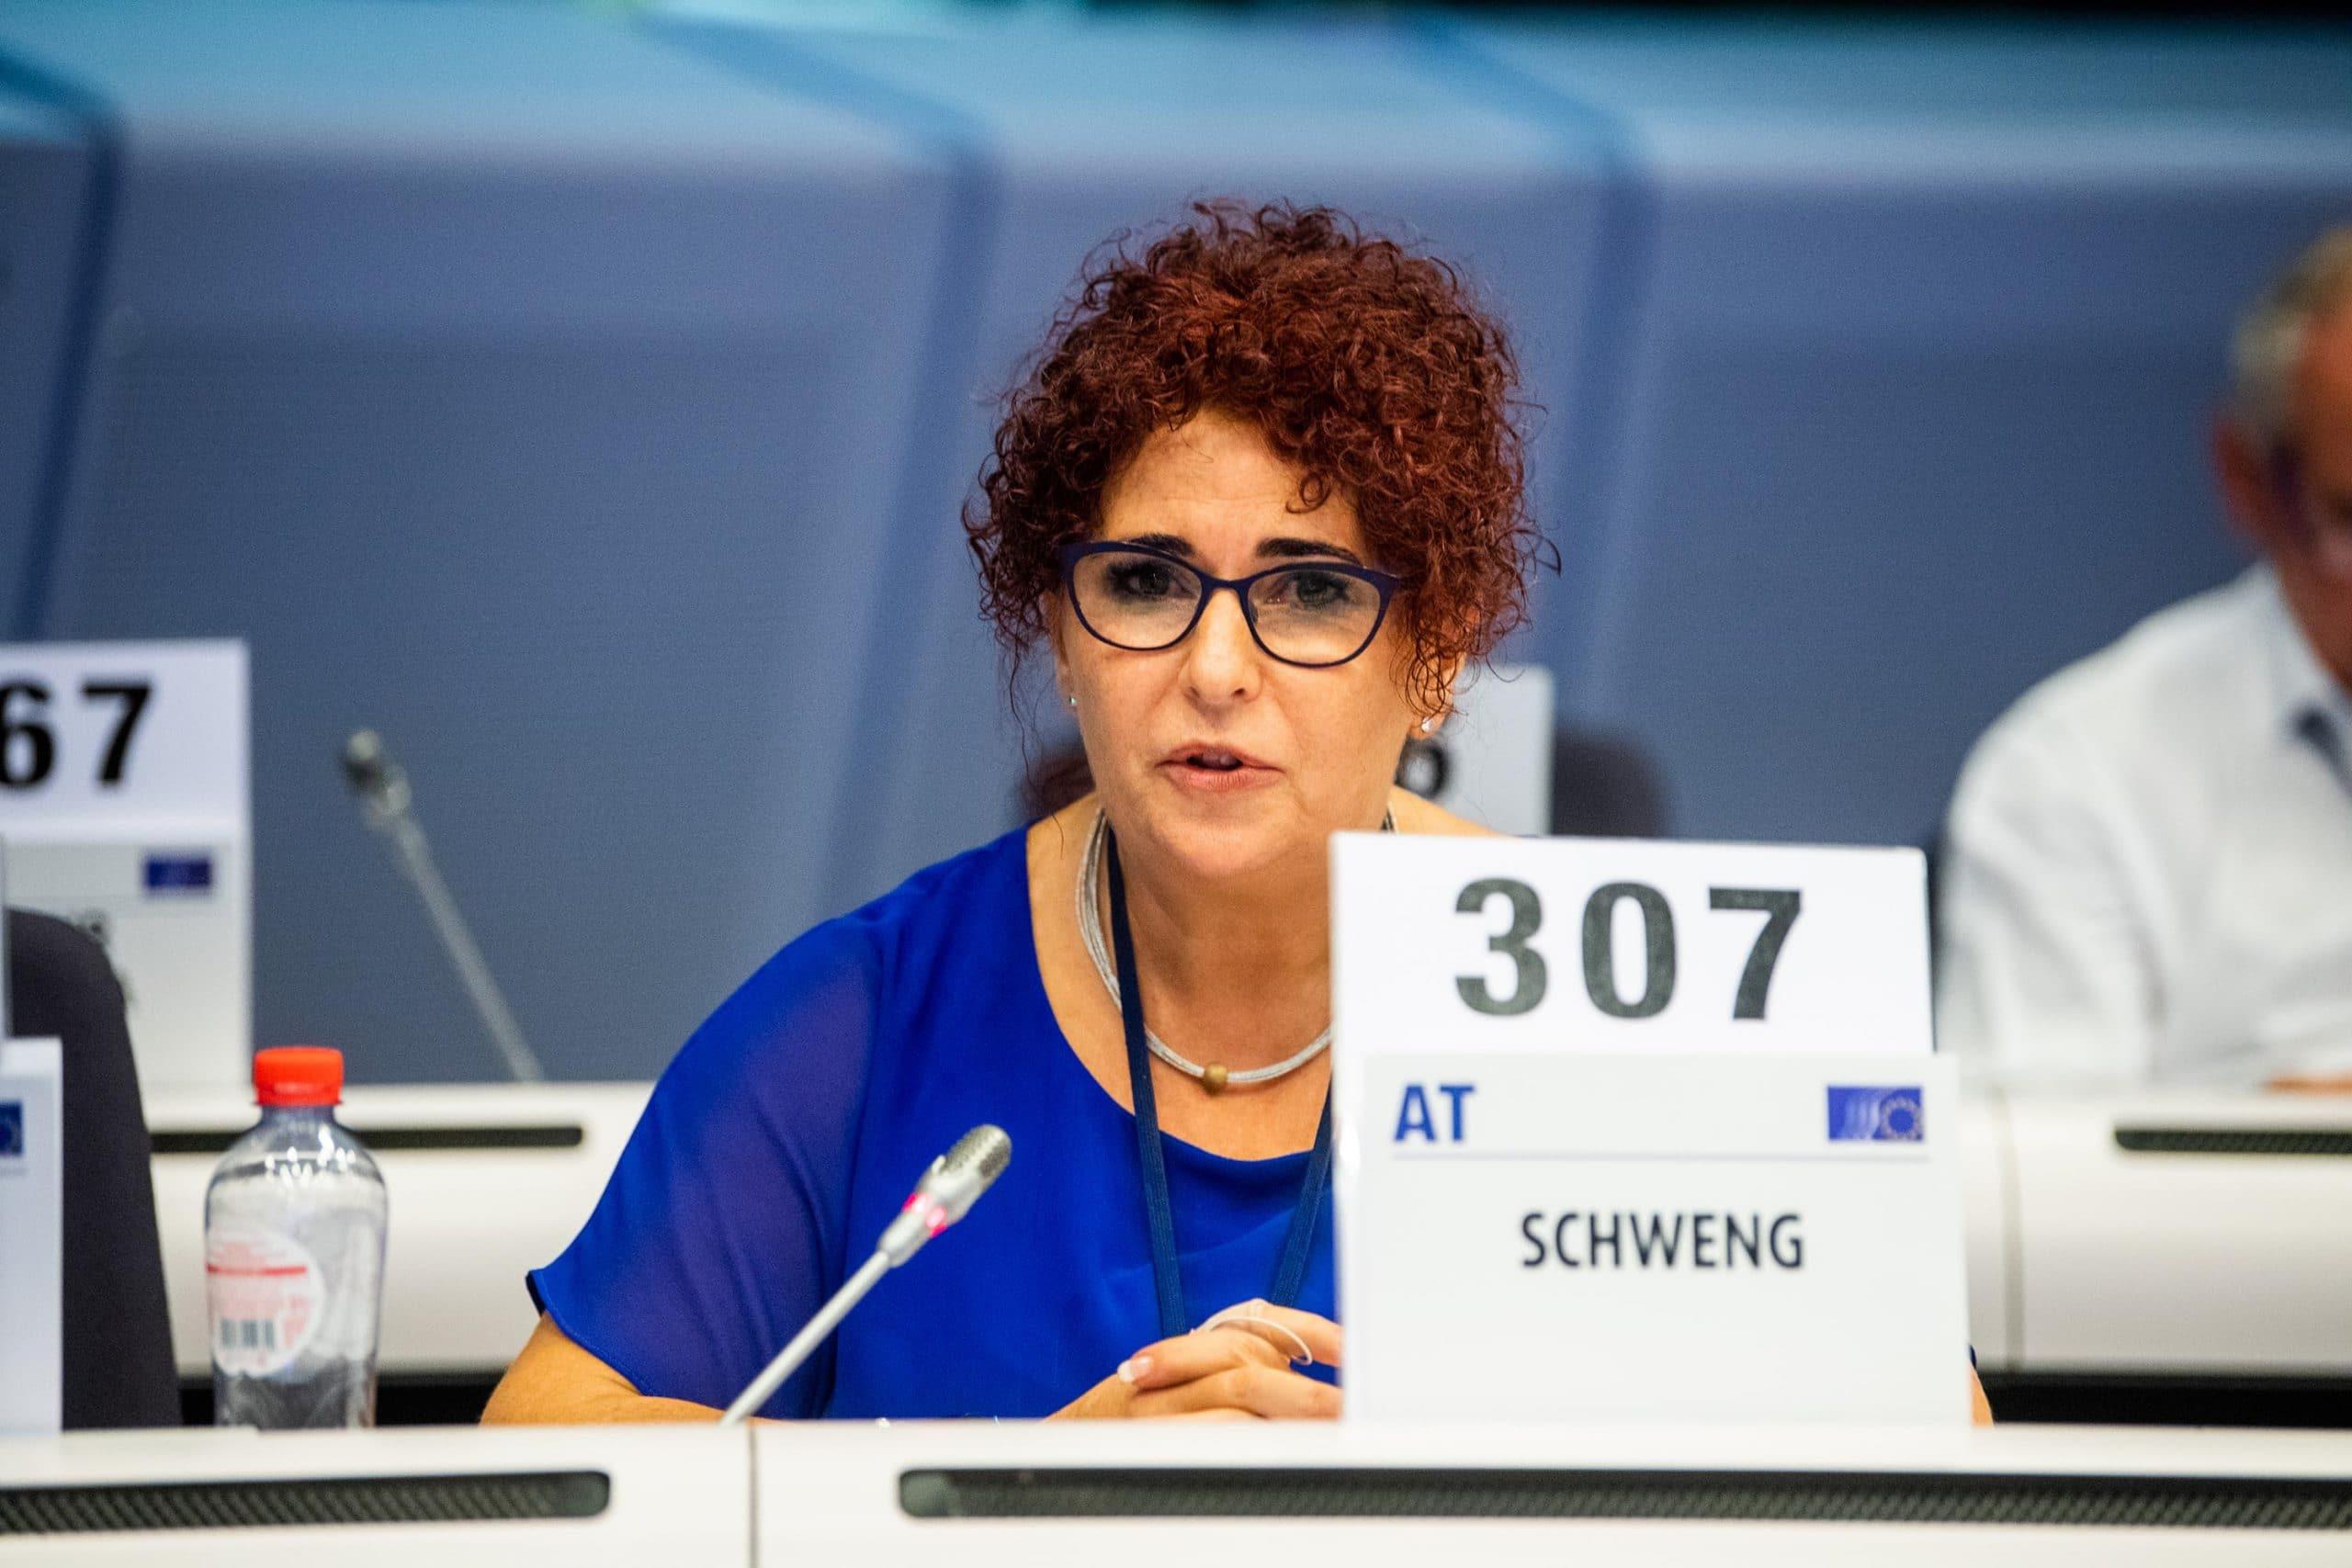 Le 28 octobre 2020, l'Autrichienne Christa Schweng, du groupe des travailleurs, a été élue présidente du CESE